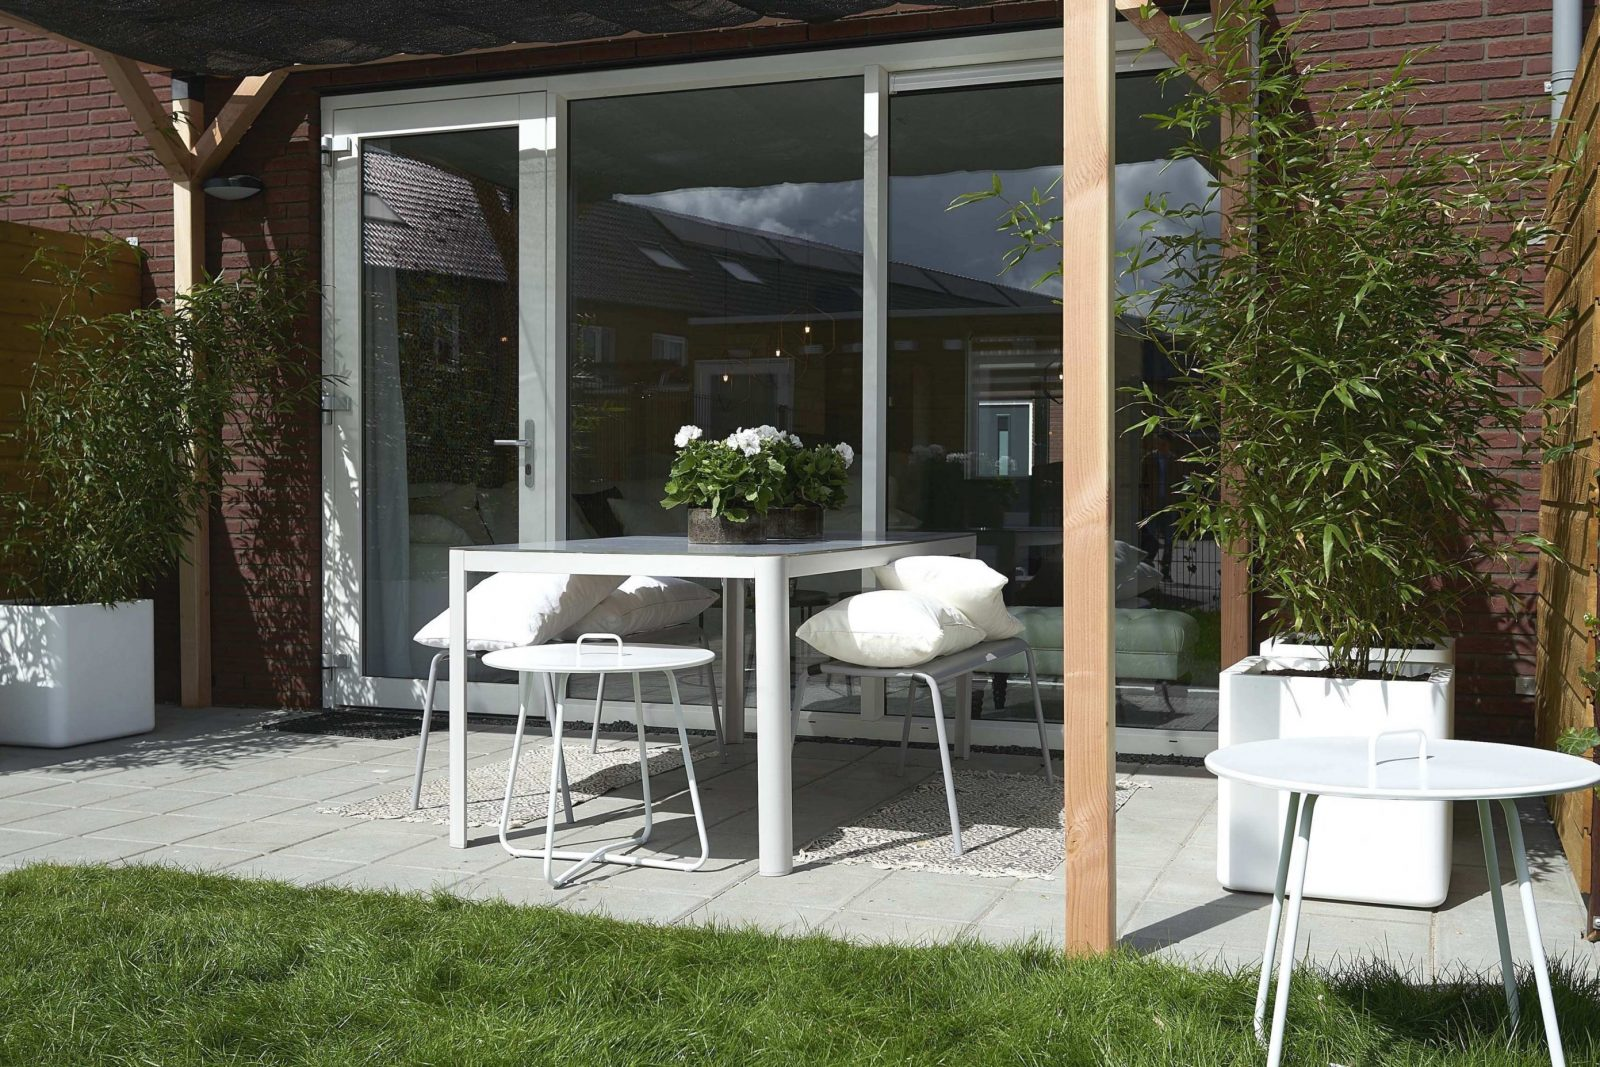 Esstisch Mit Eckbank Modern Esstisch Und Stühle – F C C I Für Design von Polyrattan Eckbank Mit Esstisch Photo